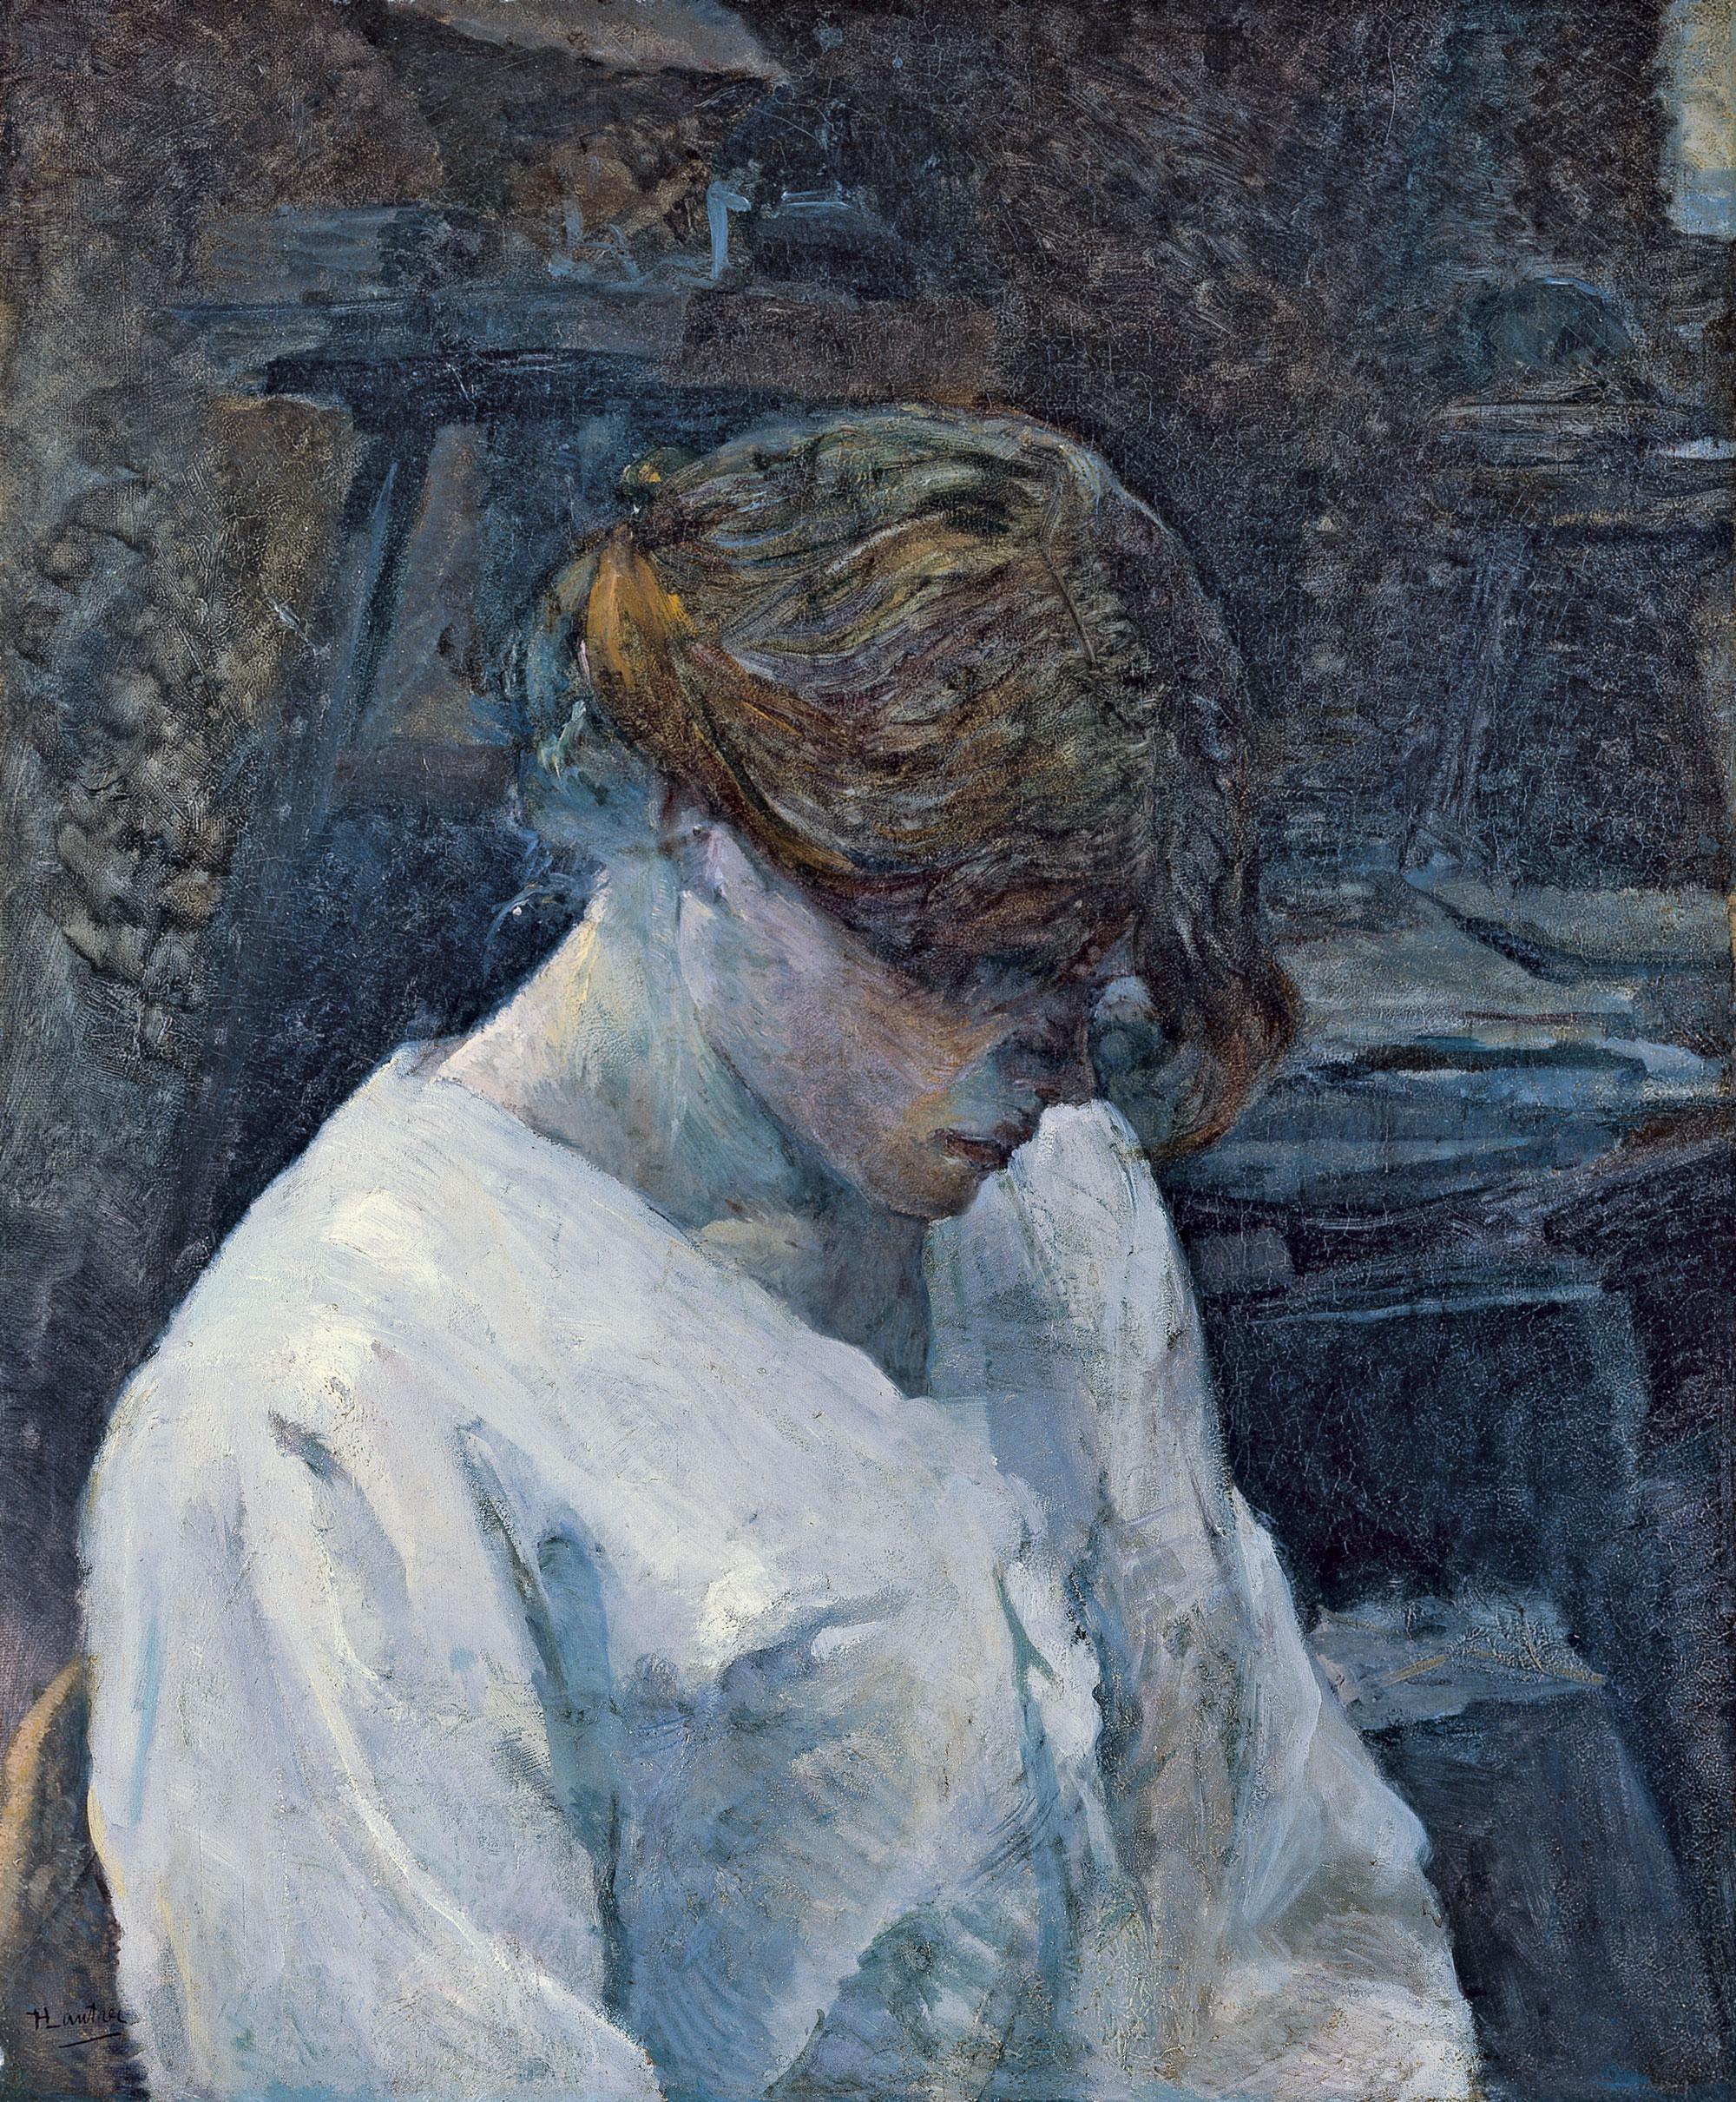 Resultado de imagen de la pelirroja con blusa blanca